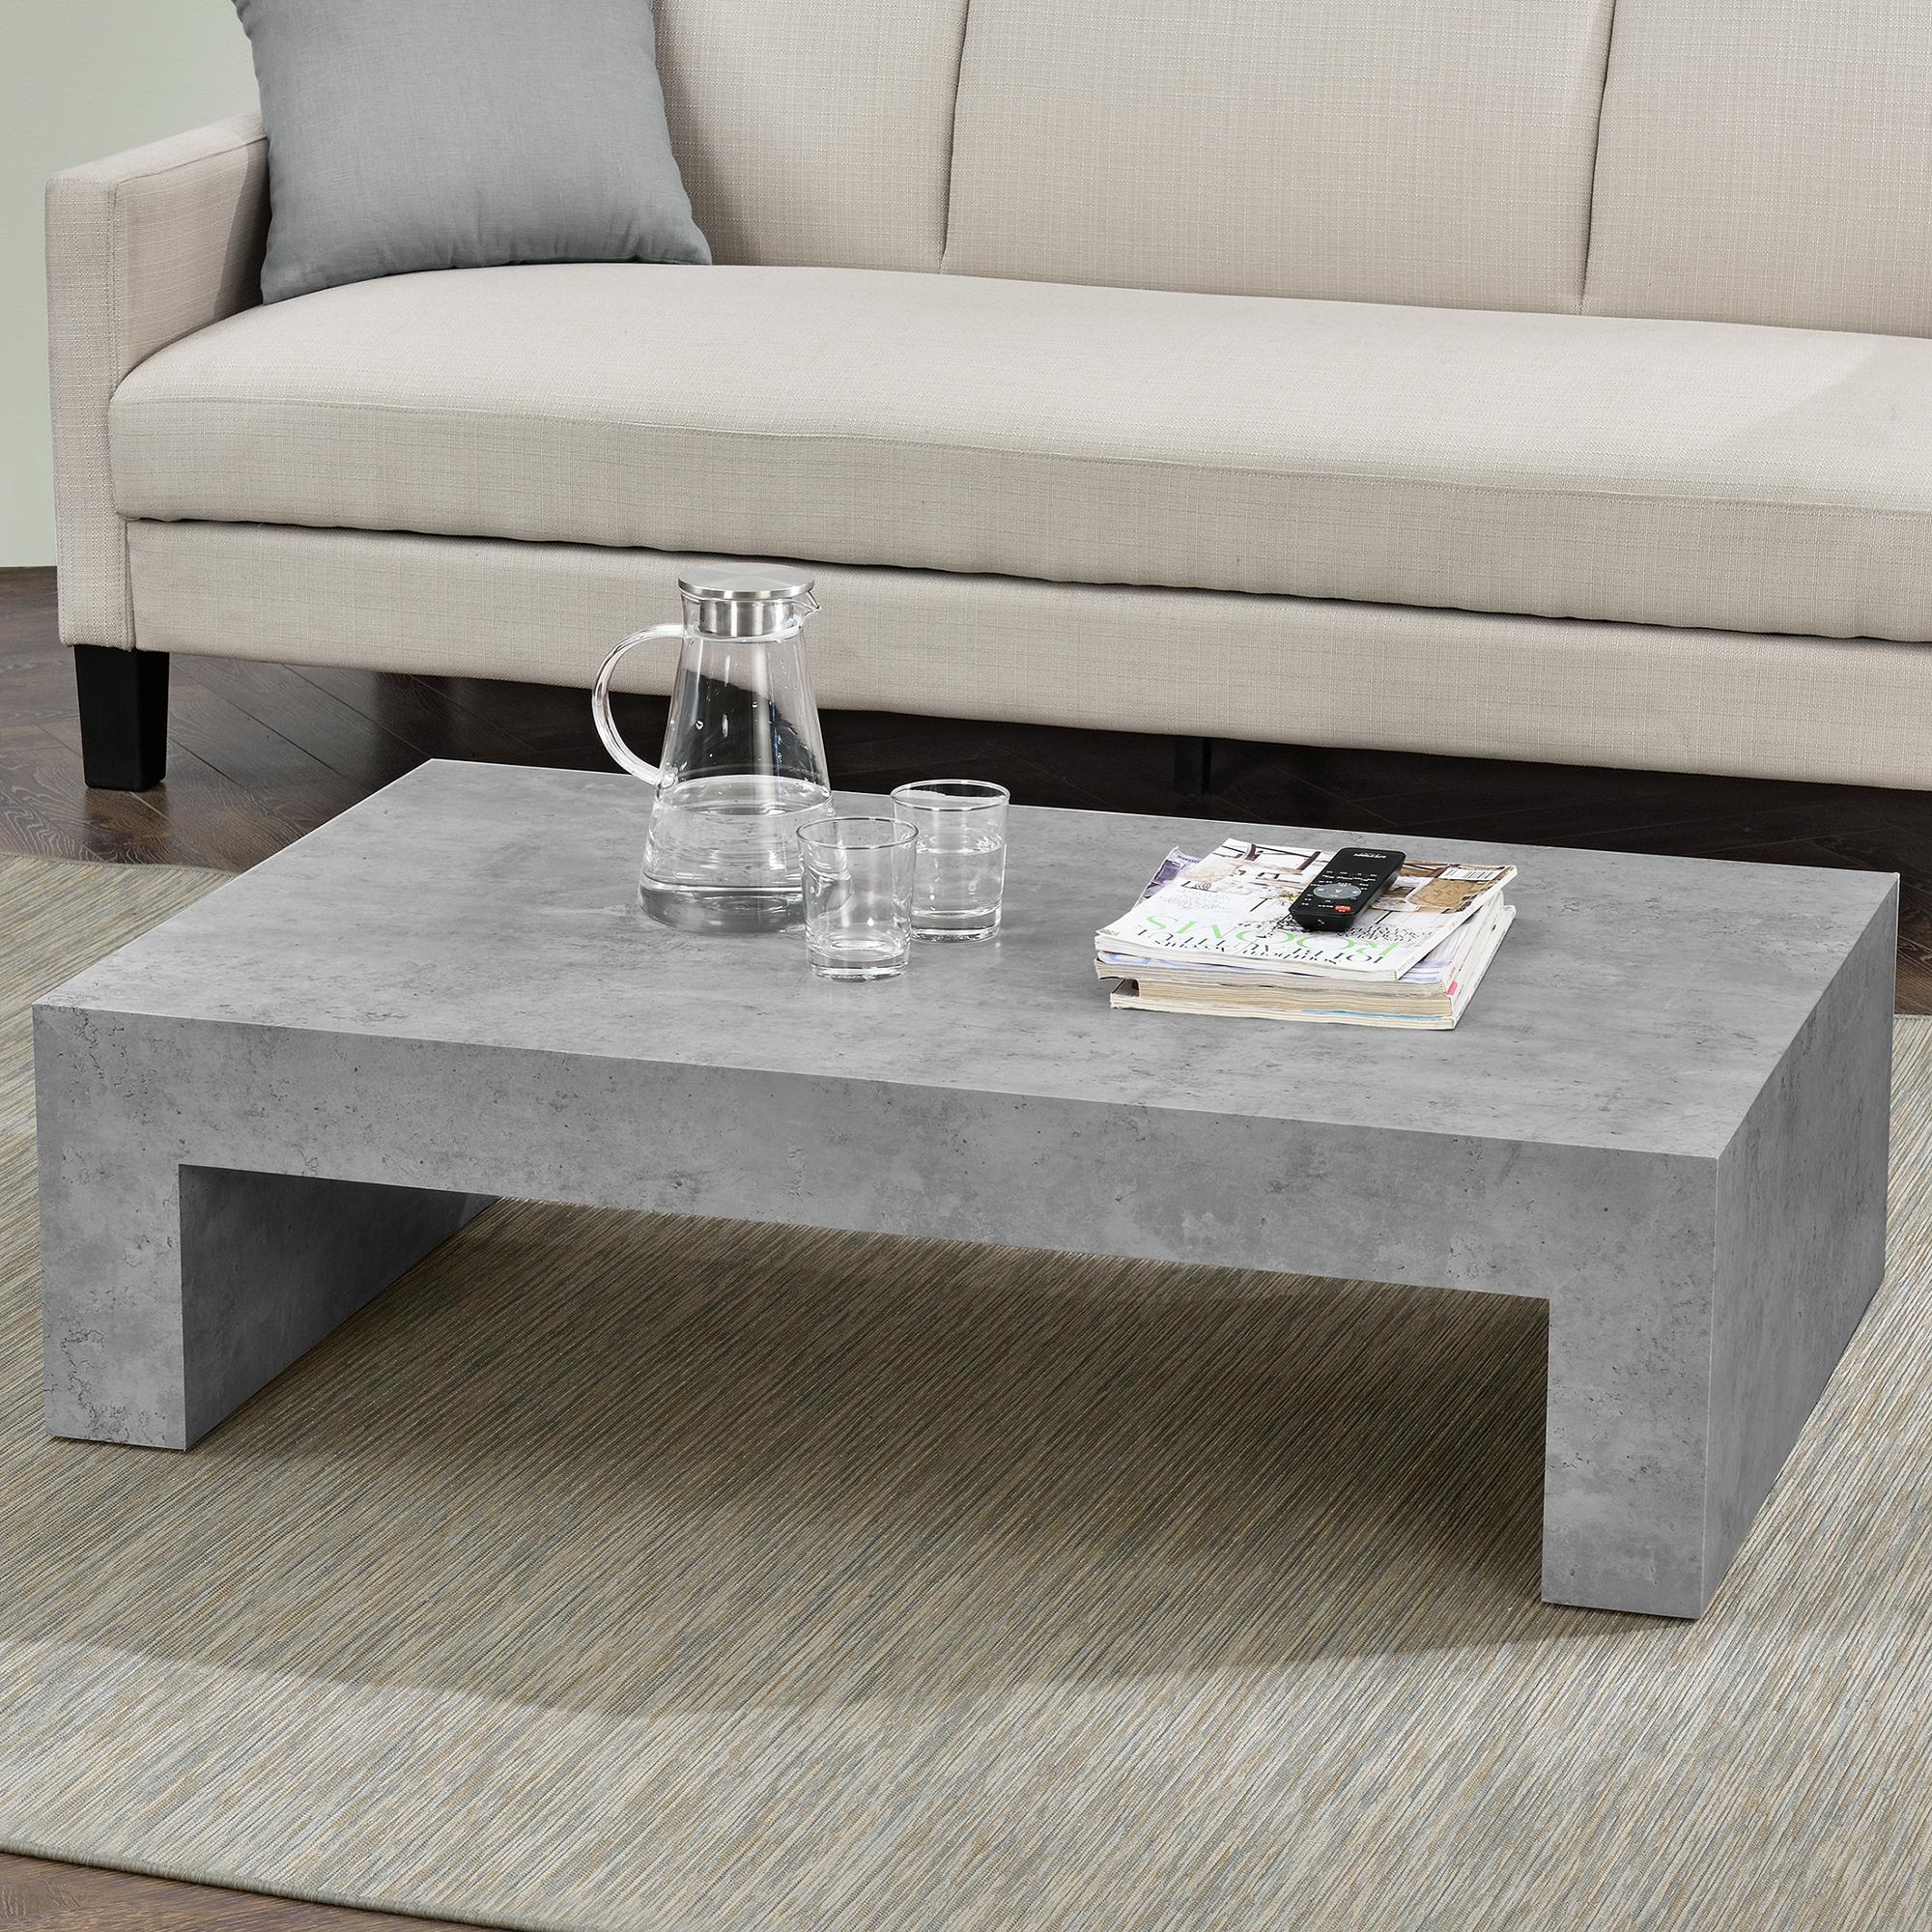 table de salon b ton gris 110x70cm table d 39 appoint table ebay. Black Bedroom Furniture Sets. Home Design Ideas